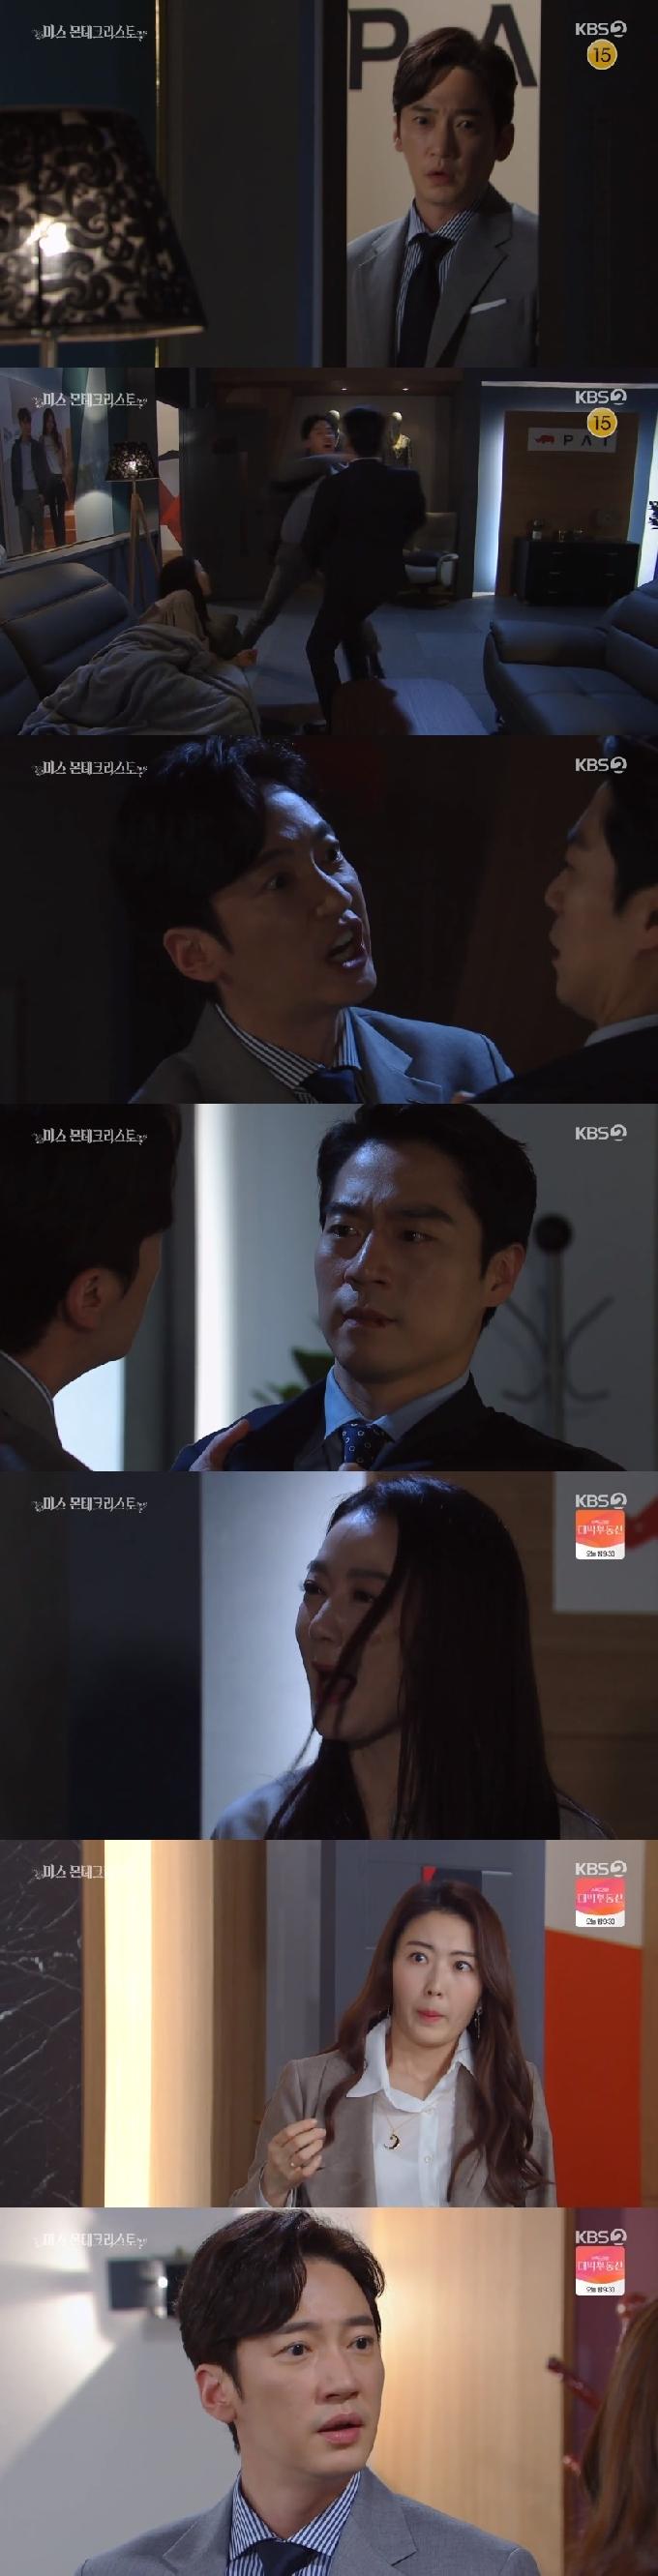 '미스 몬테크리스토' 이상보, 경성환에 주먹 휘둘렀다…이소연